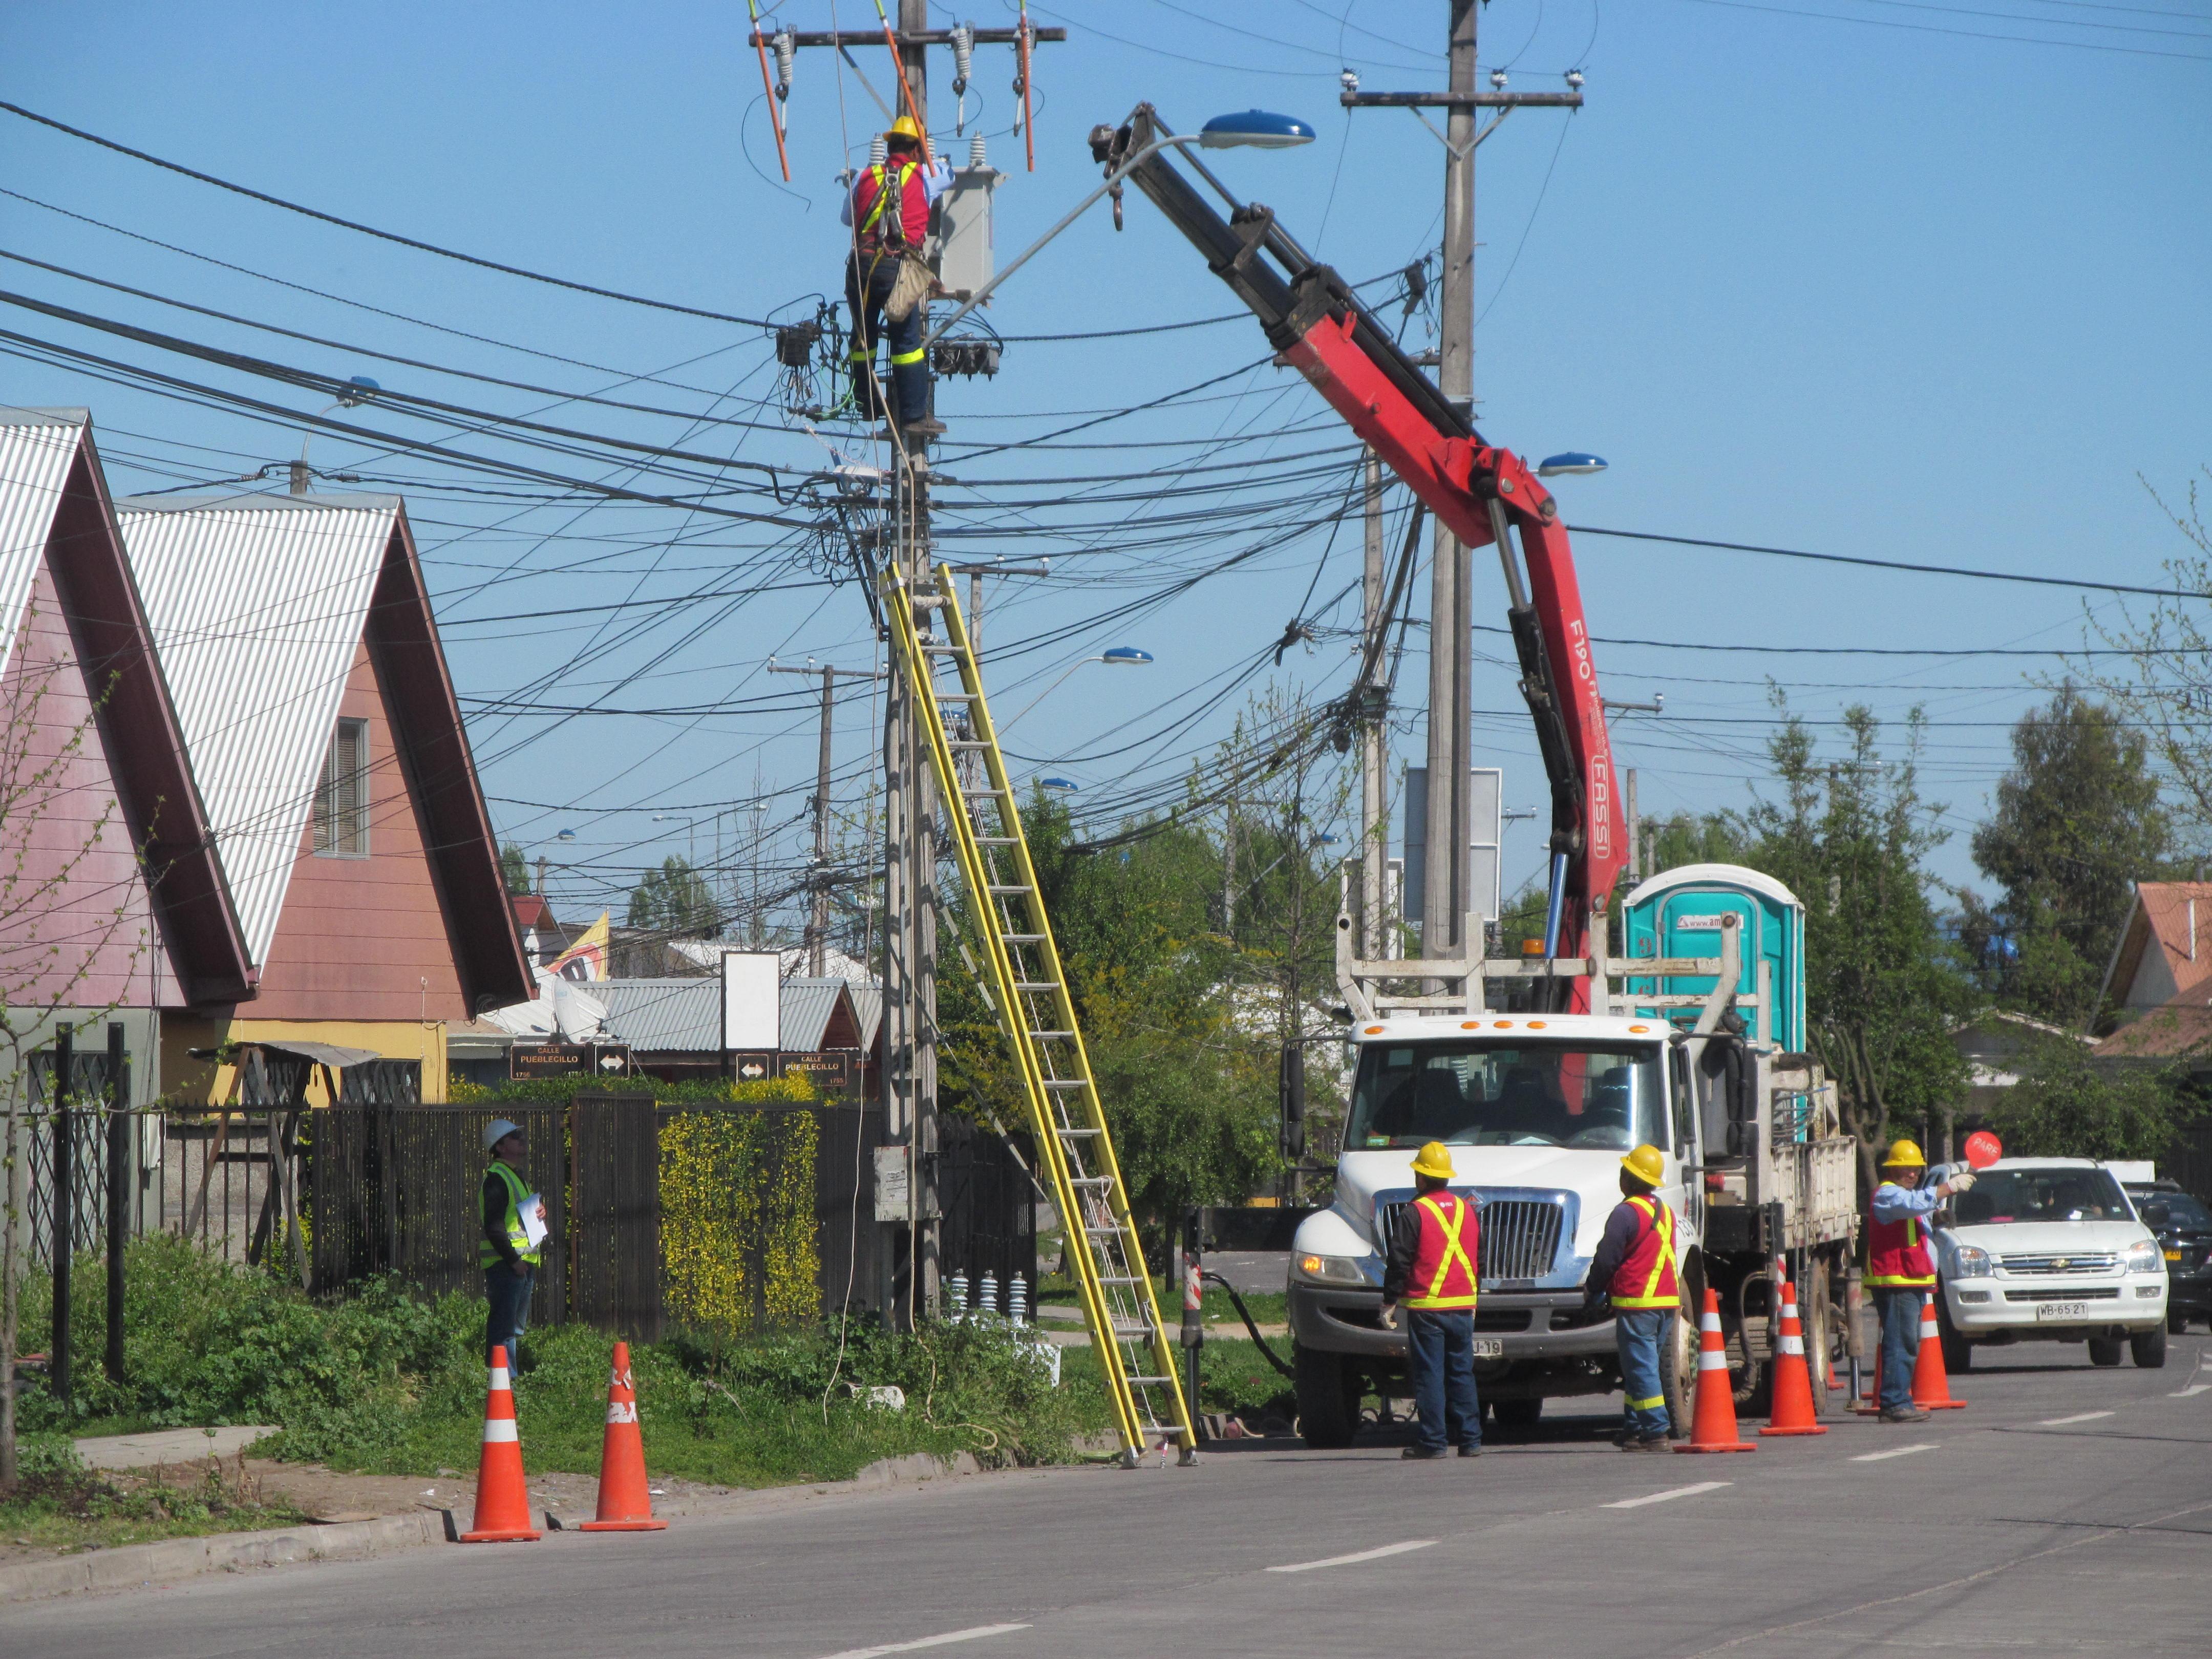 Comuna de Maule verá rebaja en cuentas de energía eléctrica